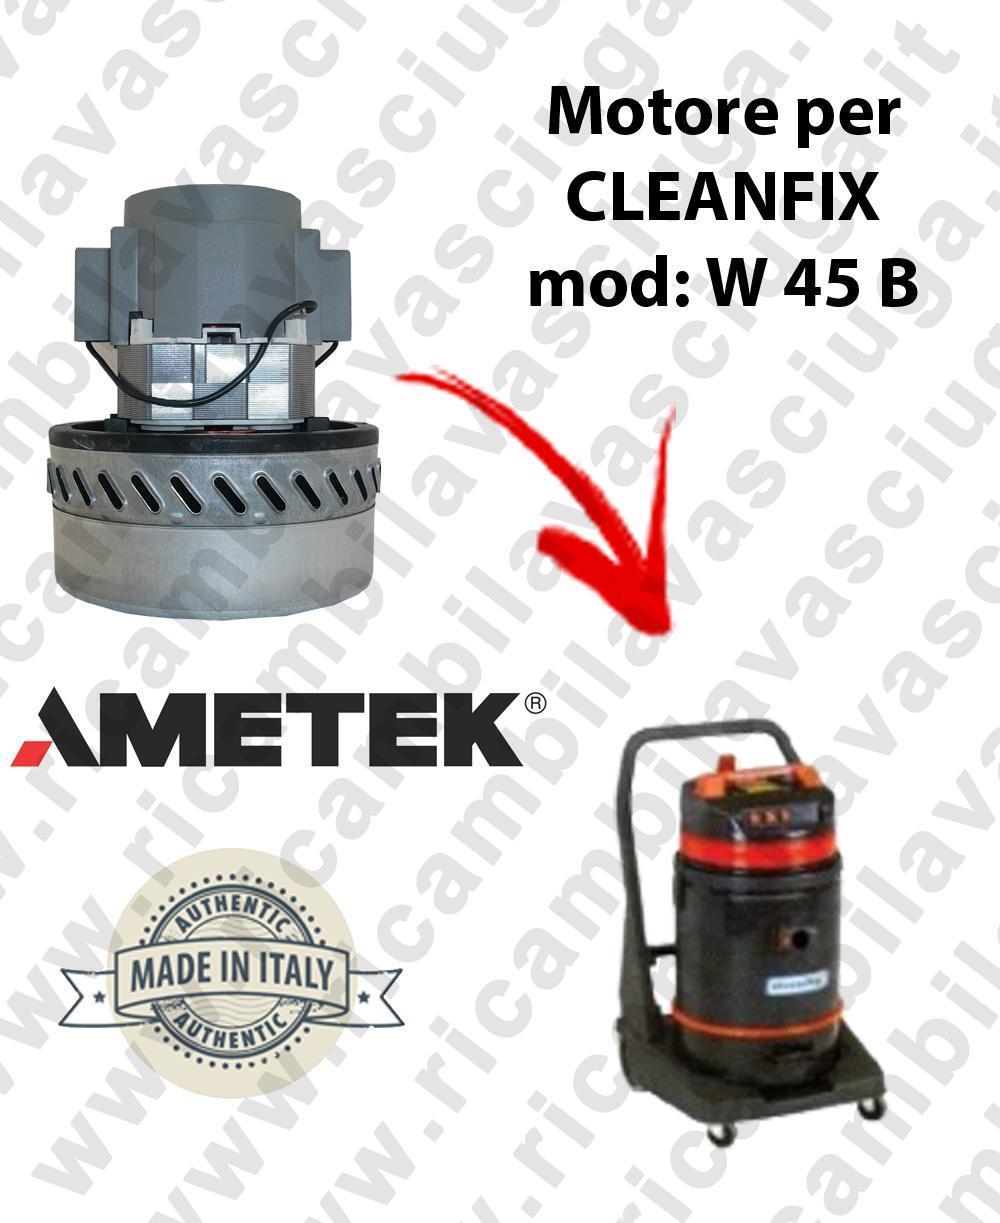 W 45 B Saugmotor AMETEK für Staubsauger und trockensauger CLEANFIX